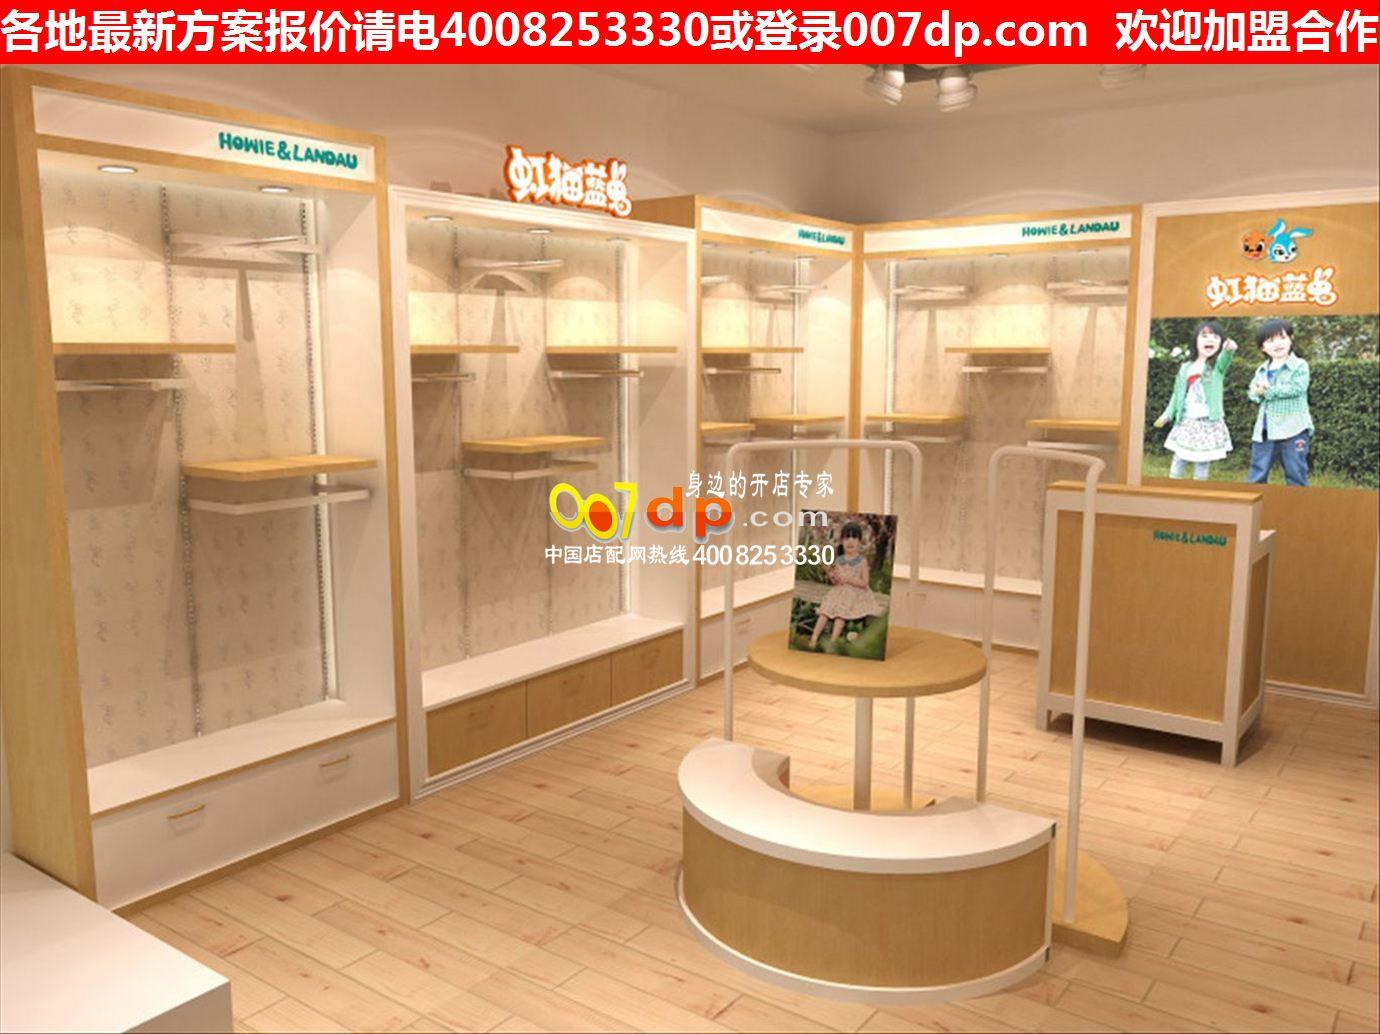 创意母婴店装修效果图大全个性母婴用品货架图片1206